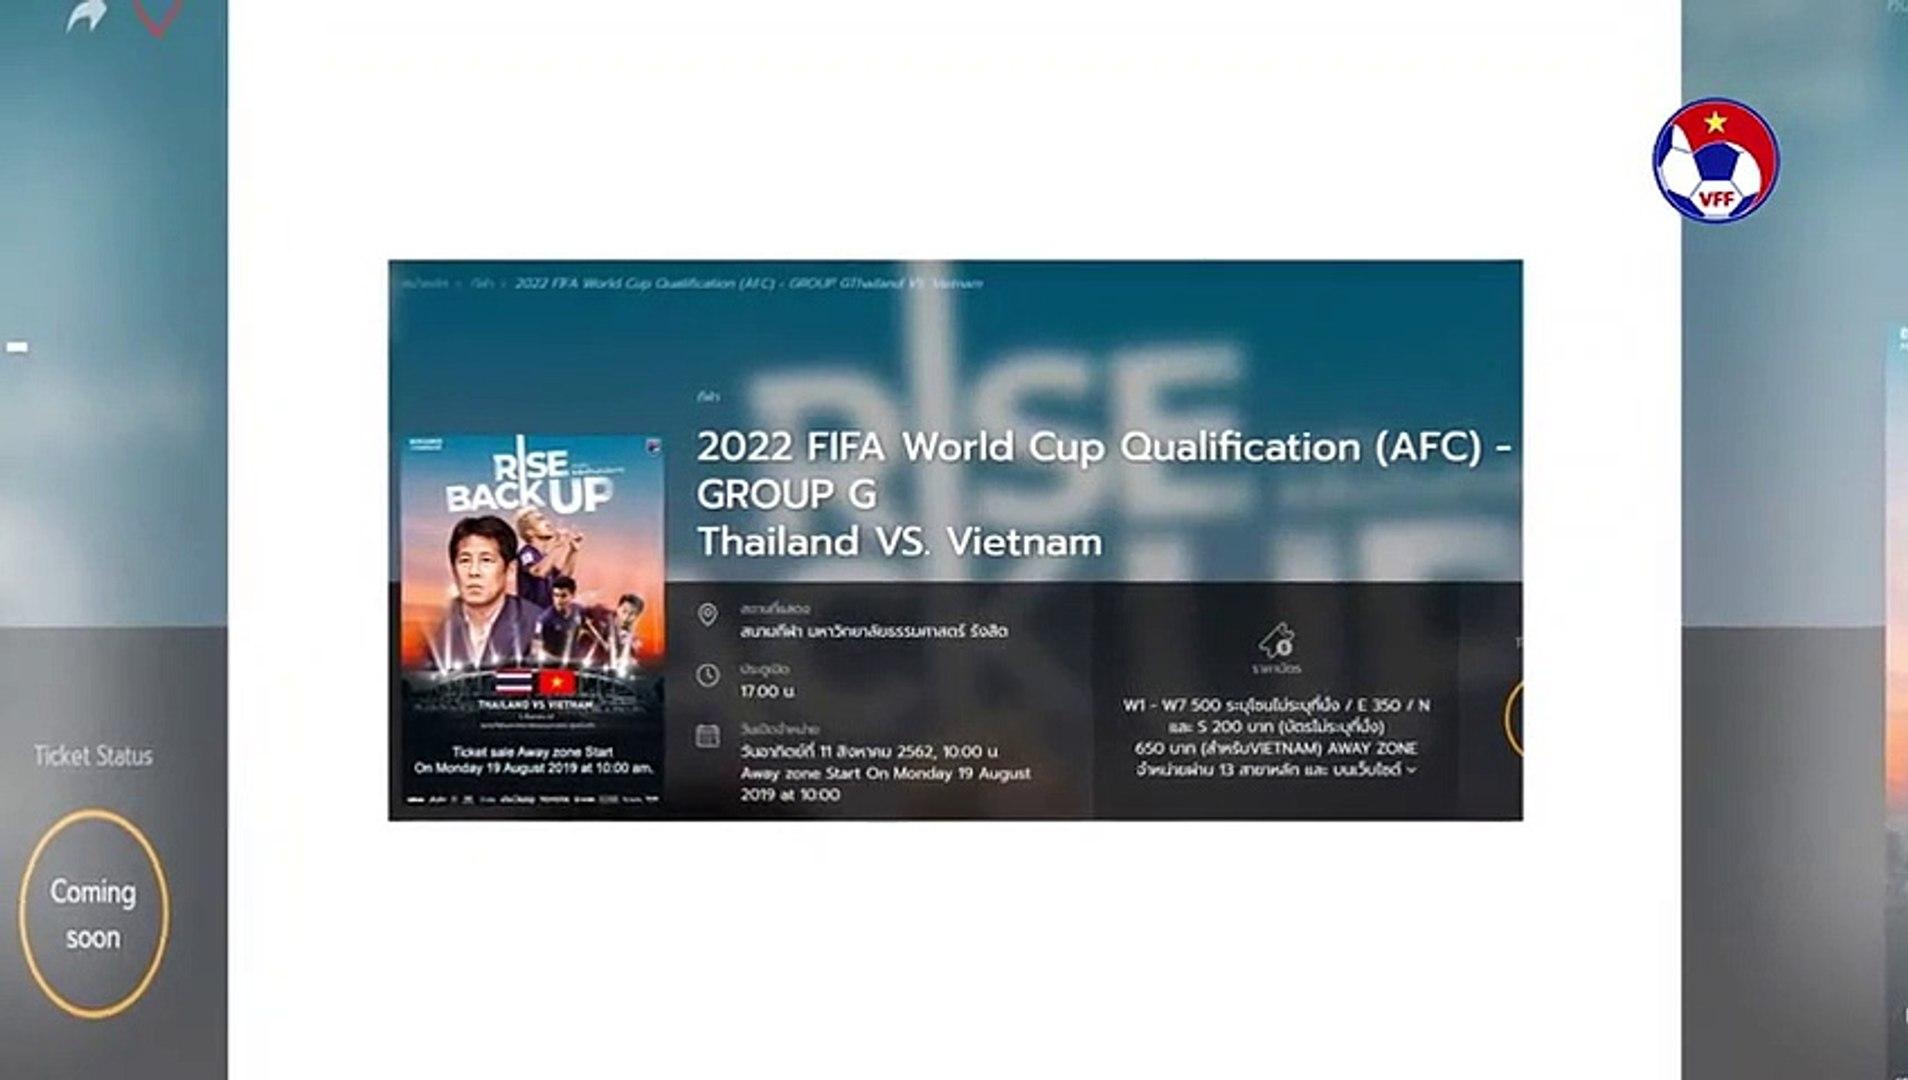 Mua vé online trận ĐT Thái Lan-Việt Nam ở vòng loại World Cup 2022 | VFF Channel